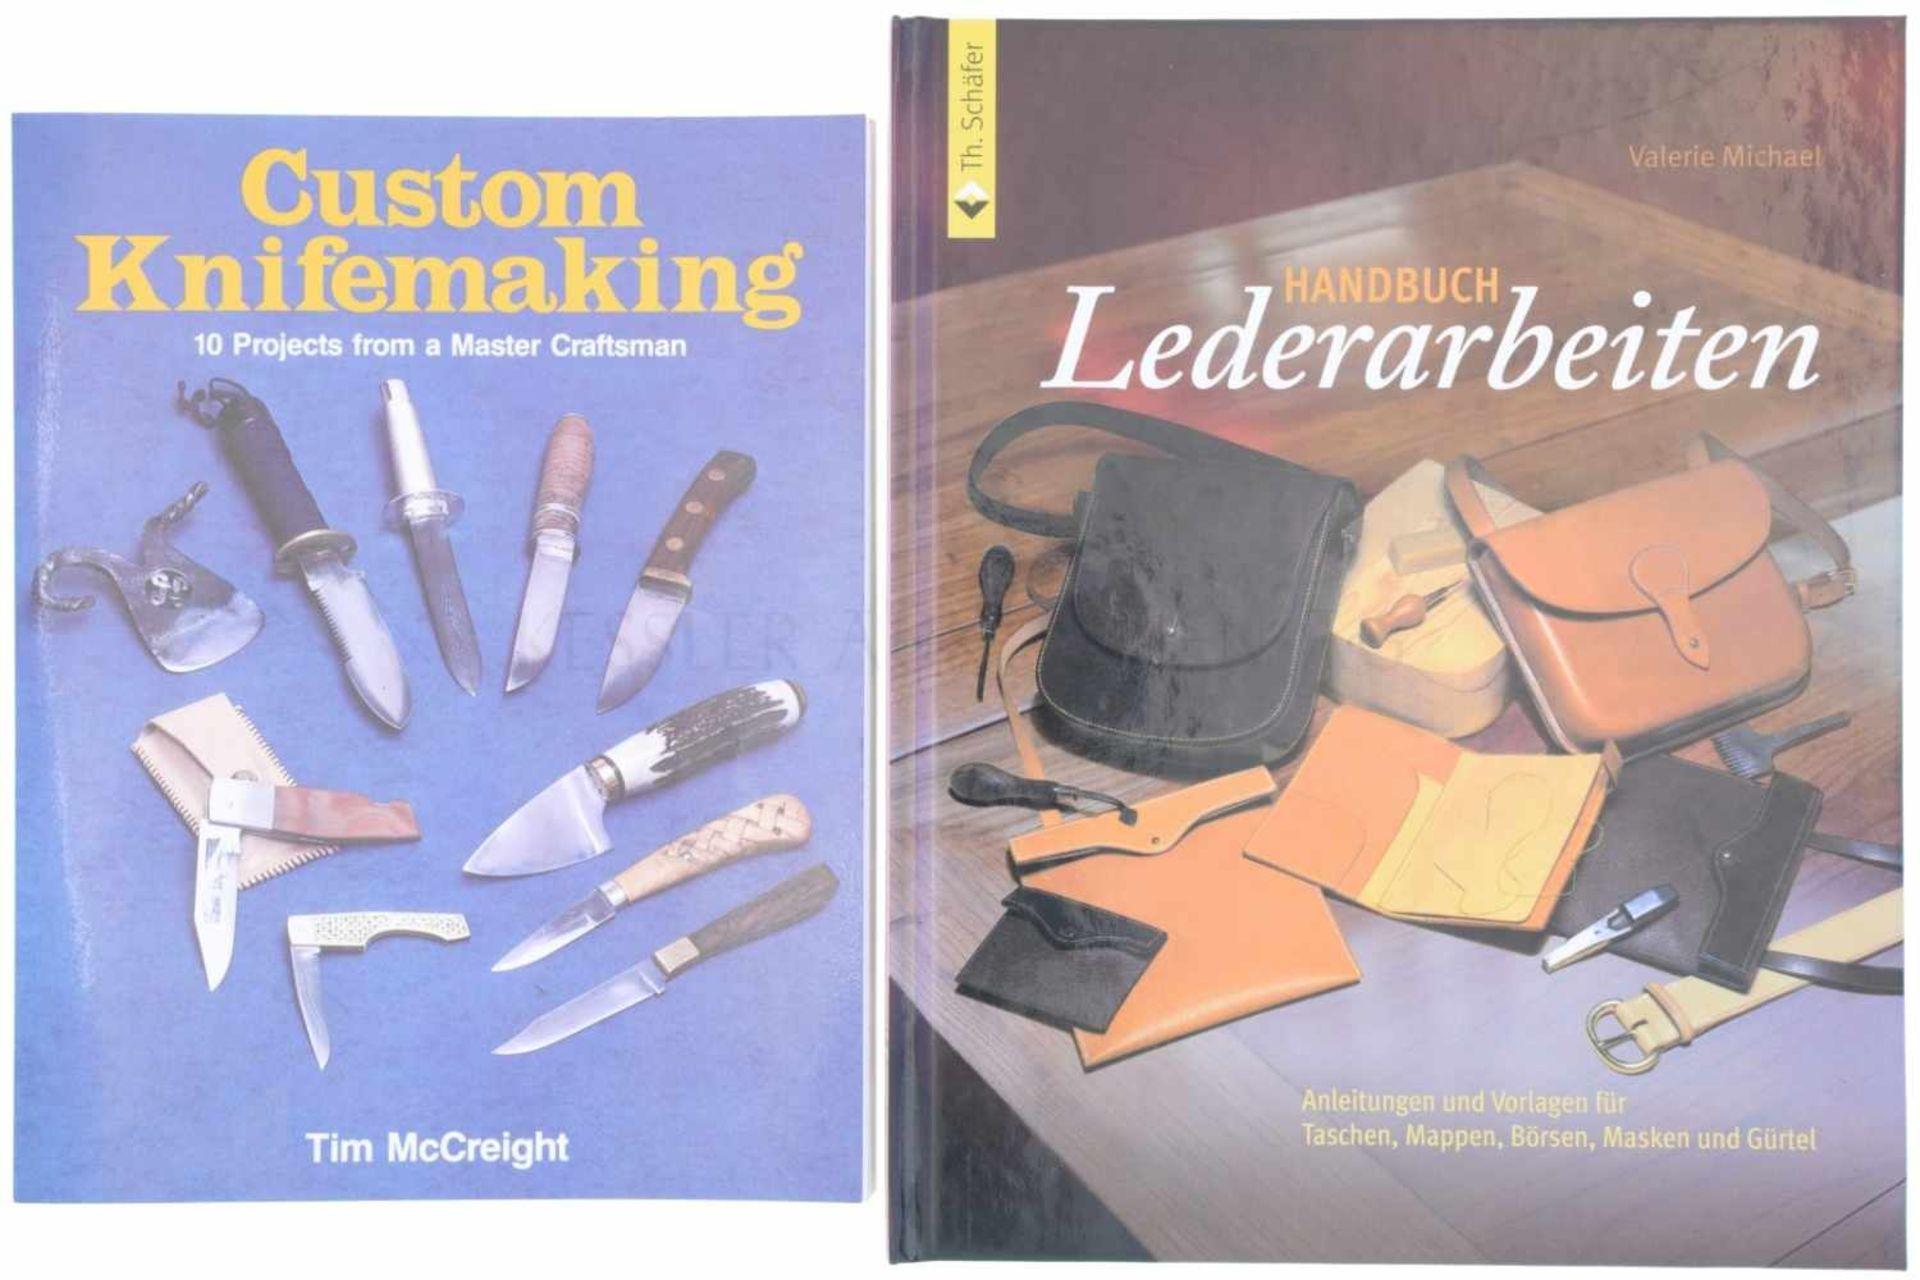 Los 52 - Konvolut von 2 Büchern, Messer / Holster selber machen 1. Custom Knifemaking, Tim Mc.Creight, 10